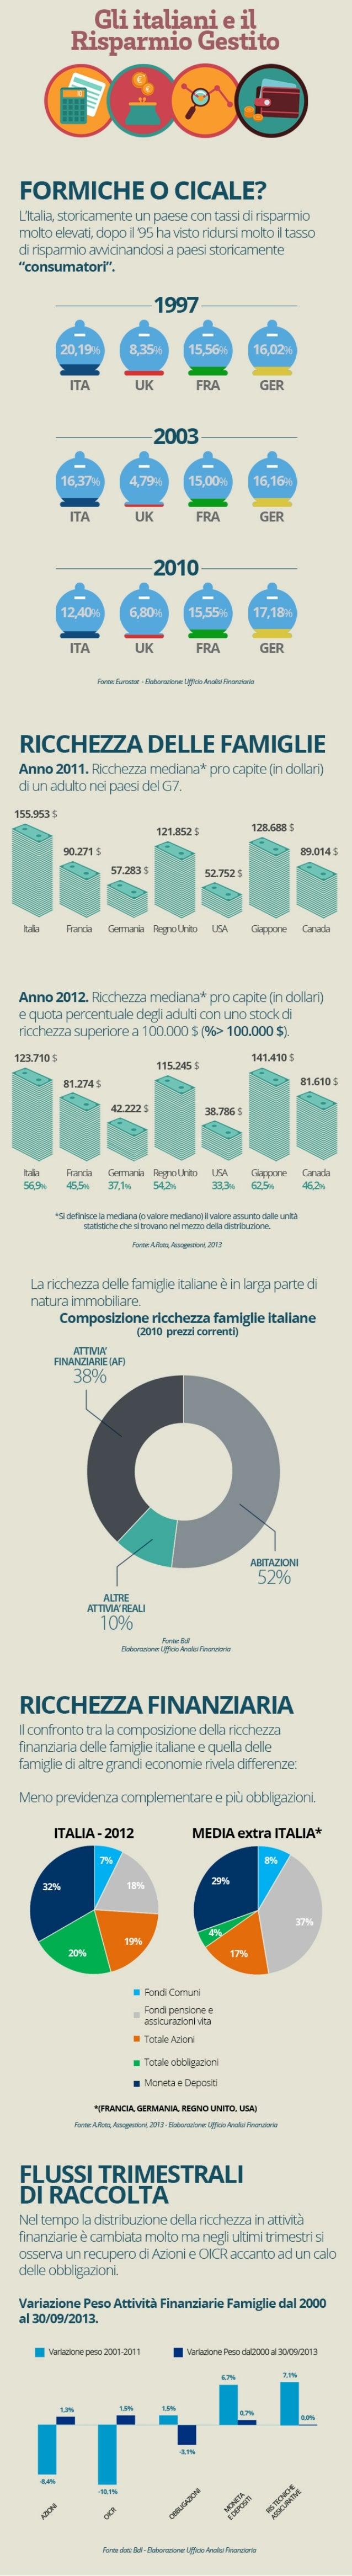 Infografica - Gli italiani ed il risparmio gestito